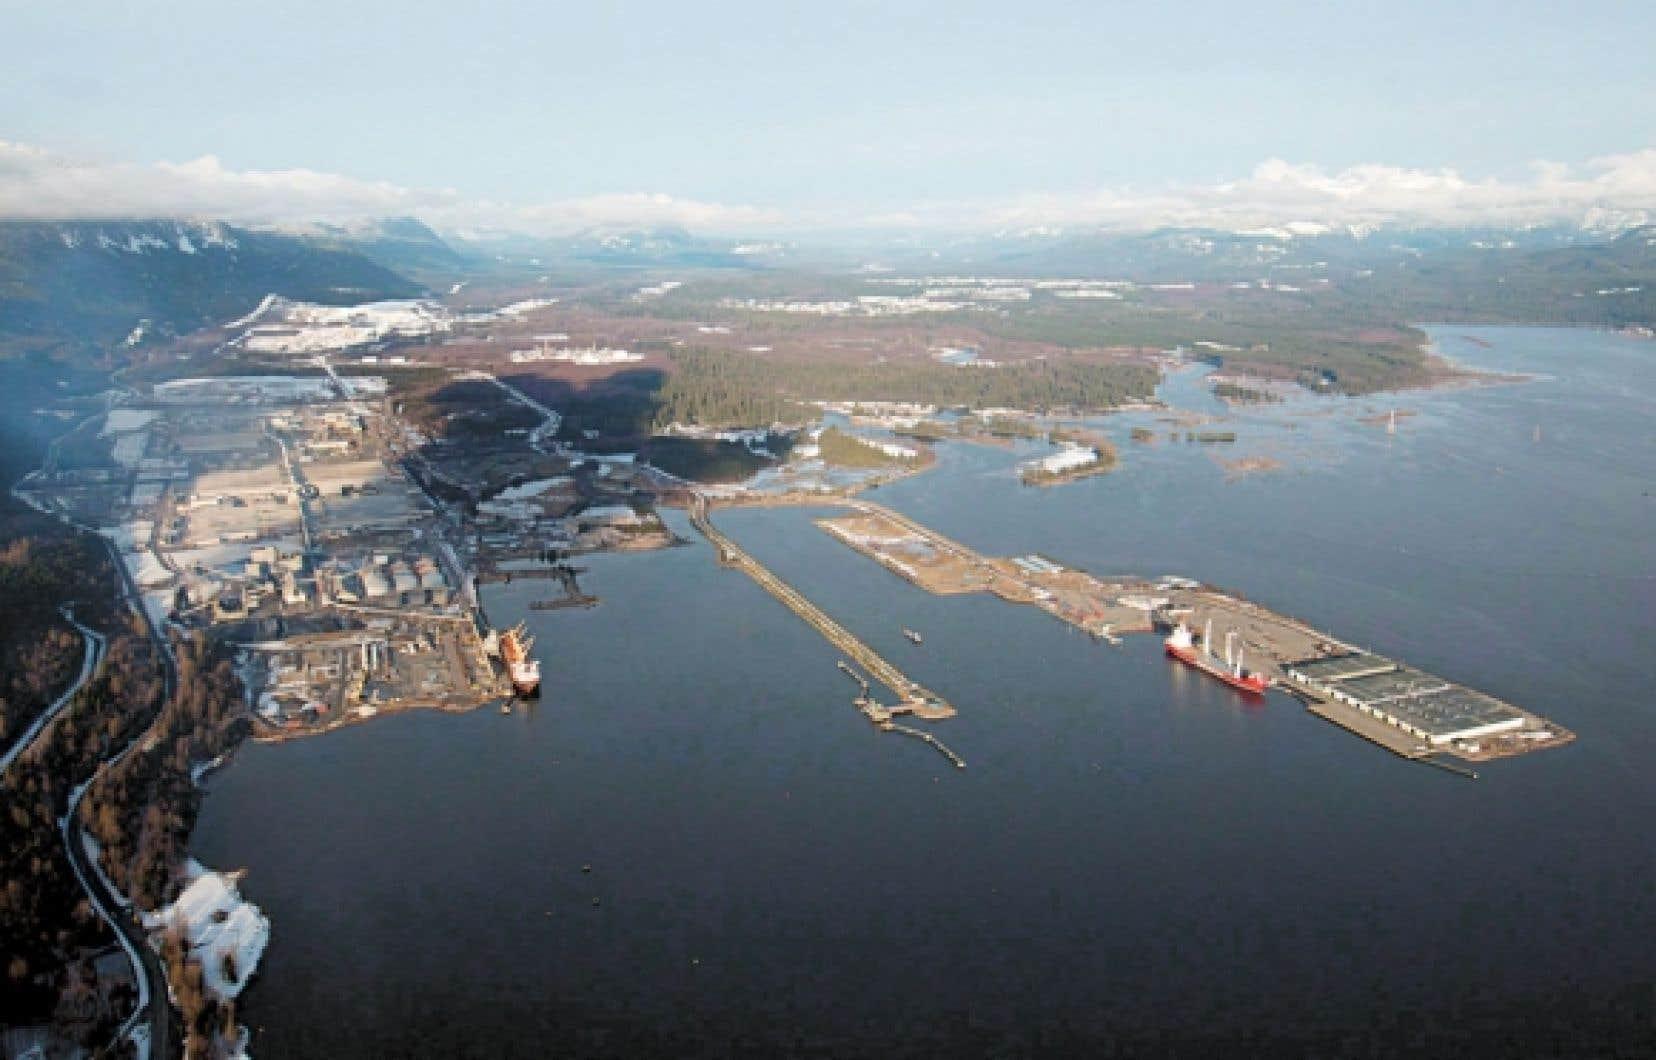 Le projet d'Enbridge, Northern Gateway, prévoit l'arrivée de l'oléoduc à Kitimat, en Colombie-Britannique. Lors des audiences publiques en janvier dernier, des groupes environnementaux ont affirmé craindre l'impact sur la faune et la flore de l'augmentation du trafic de pétroliers sur la côte ouest.